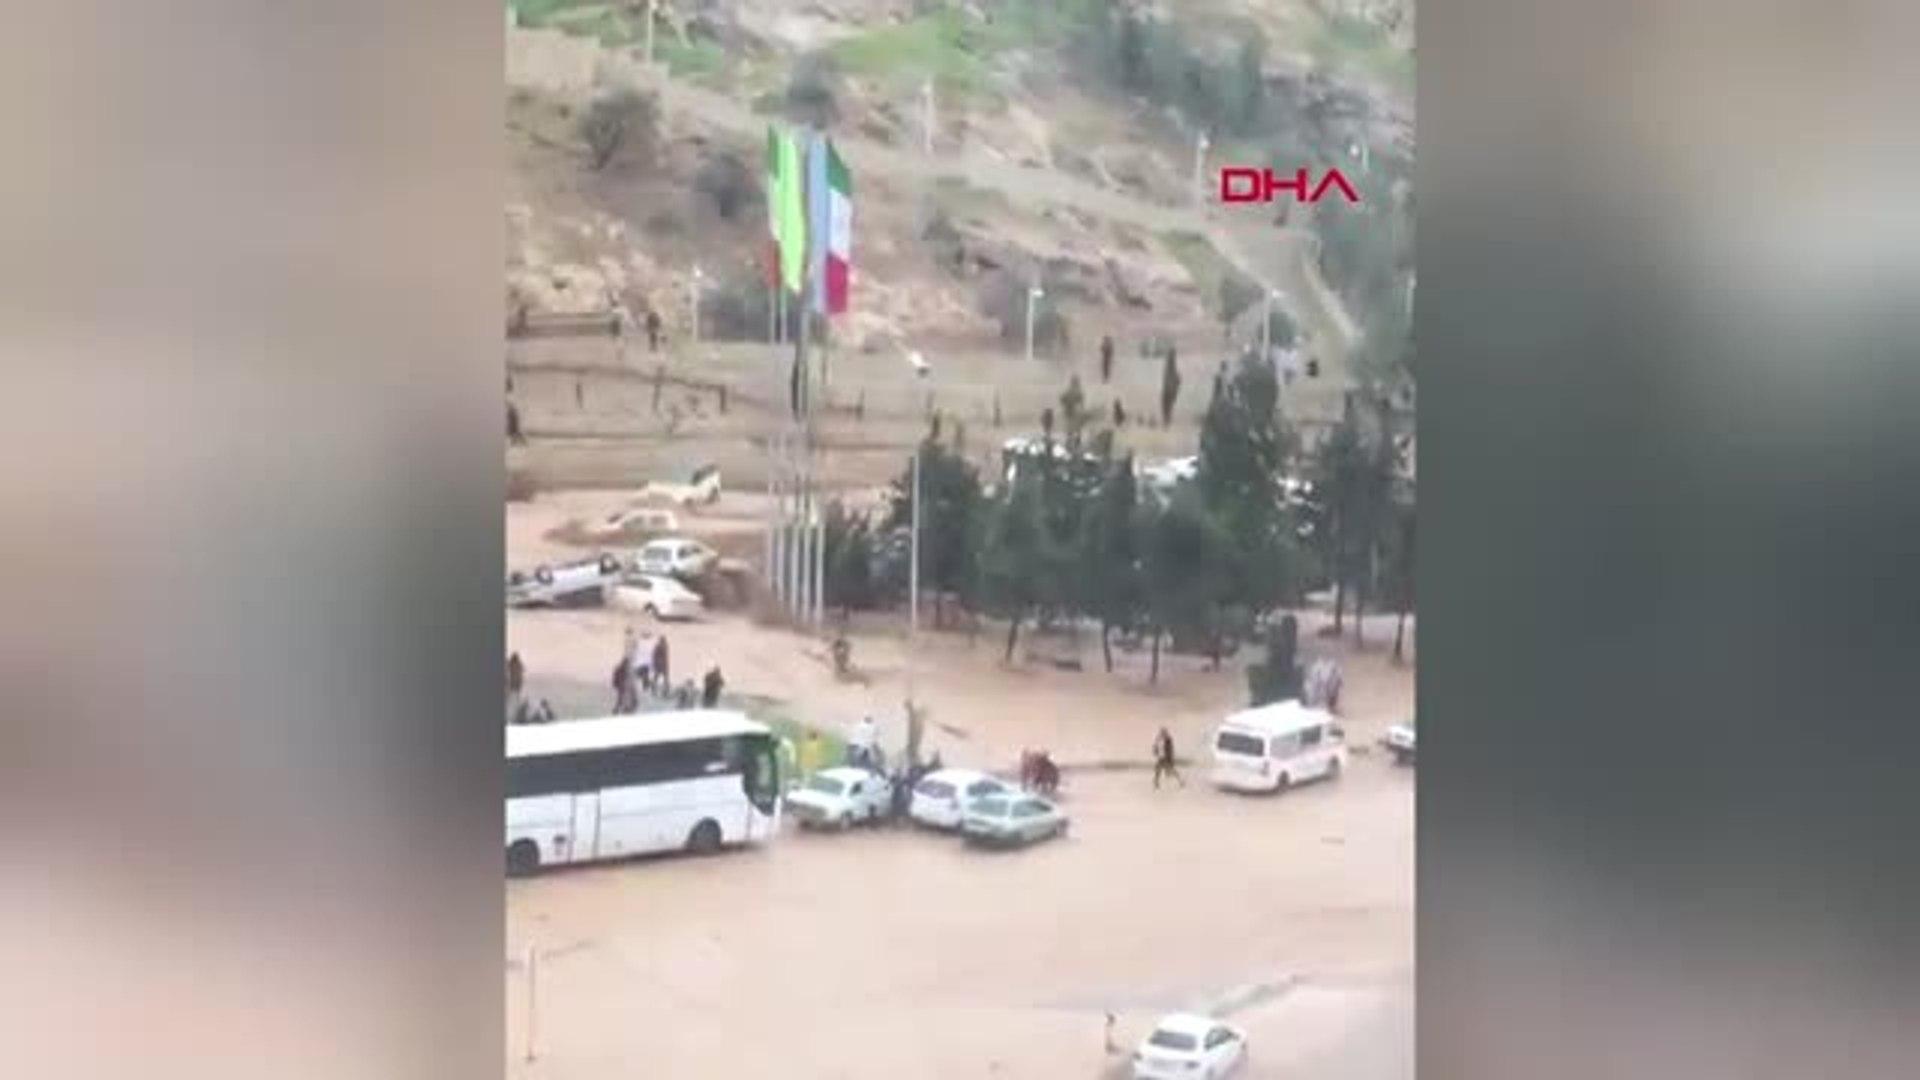 Dha Dış - İran'da Sel 11 Can Aldı... Otomobiller Ana Yolda Sürüklendi